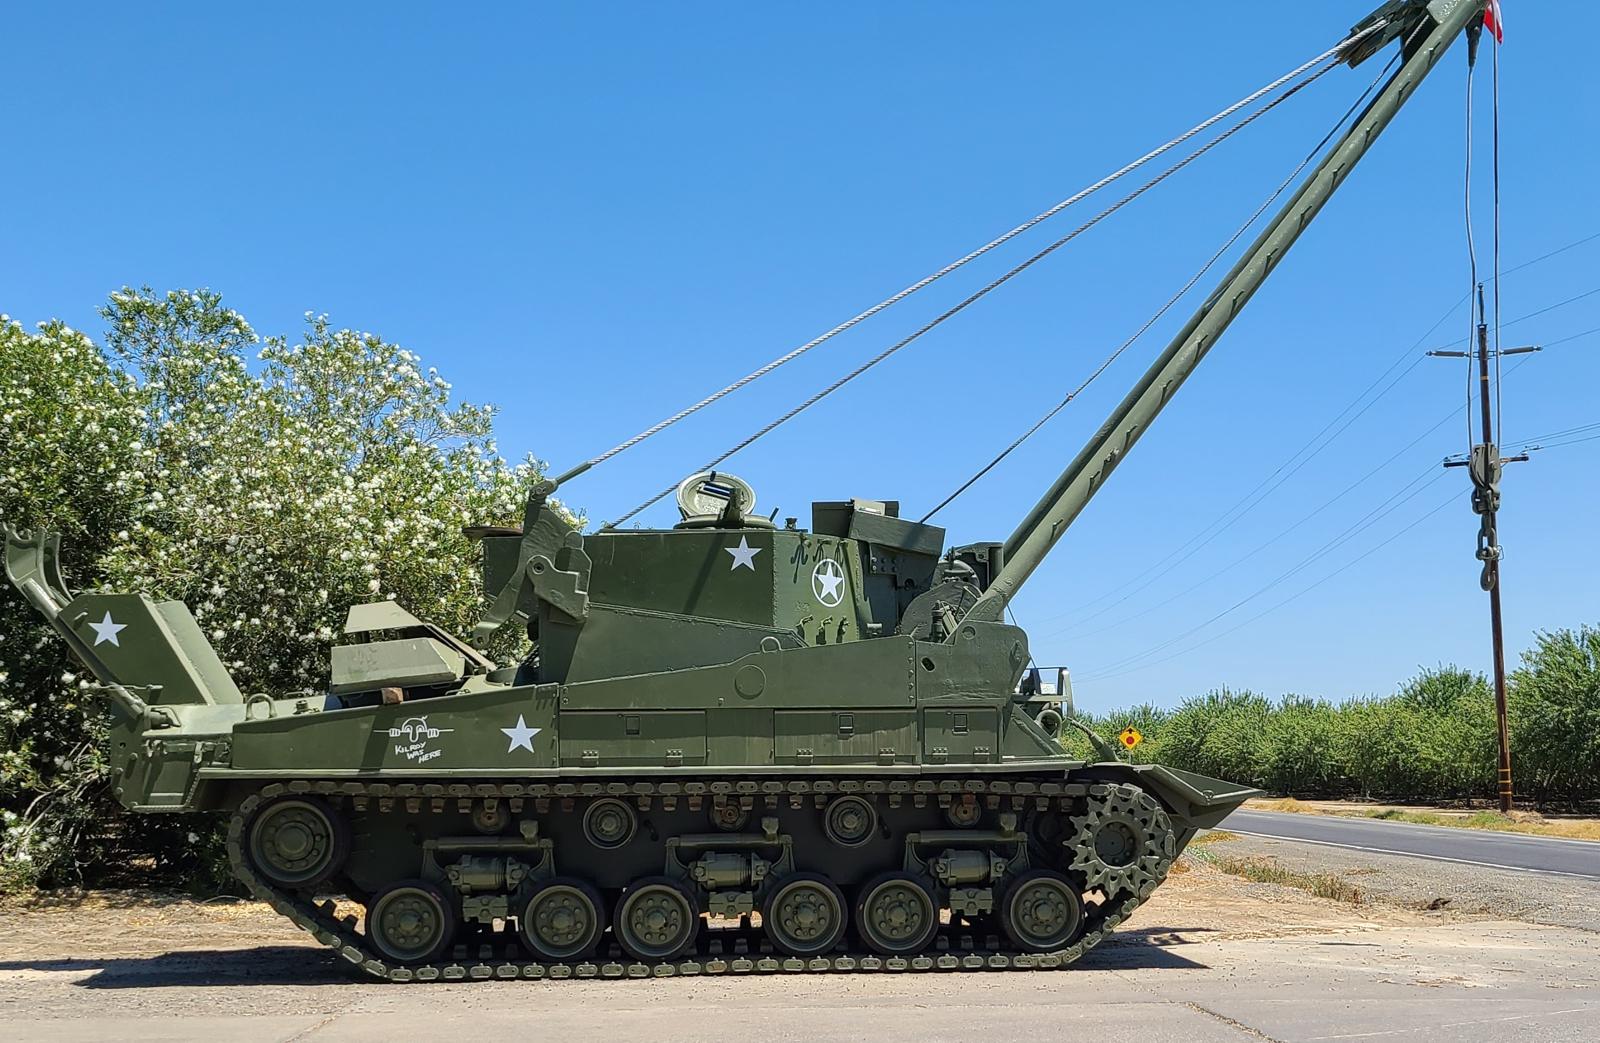 http://goldeneramodel.com/mymodels/armor/m74/034m74.jpg